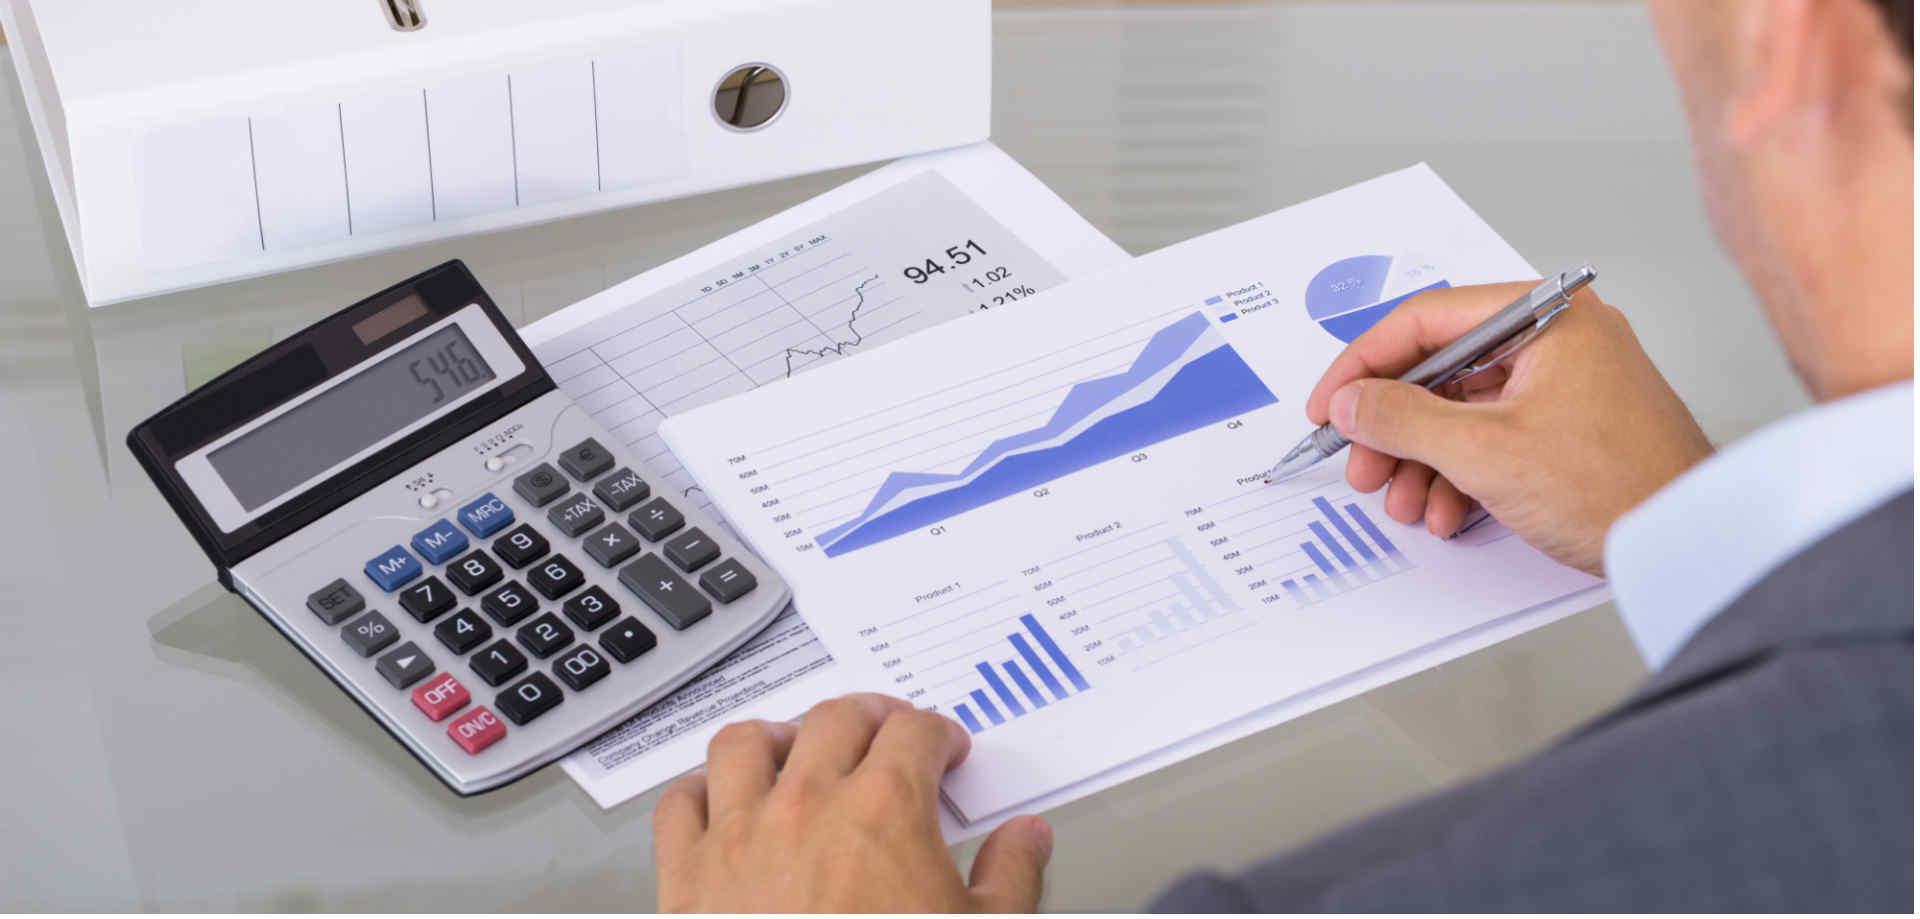 2 1 - La reforma del impuesto de sociedades: más ruido que nueces